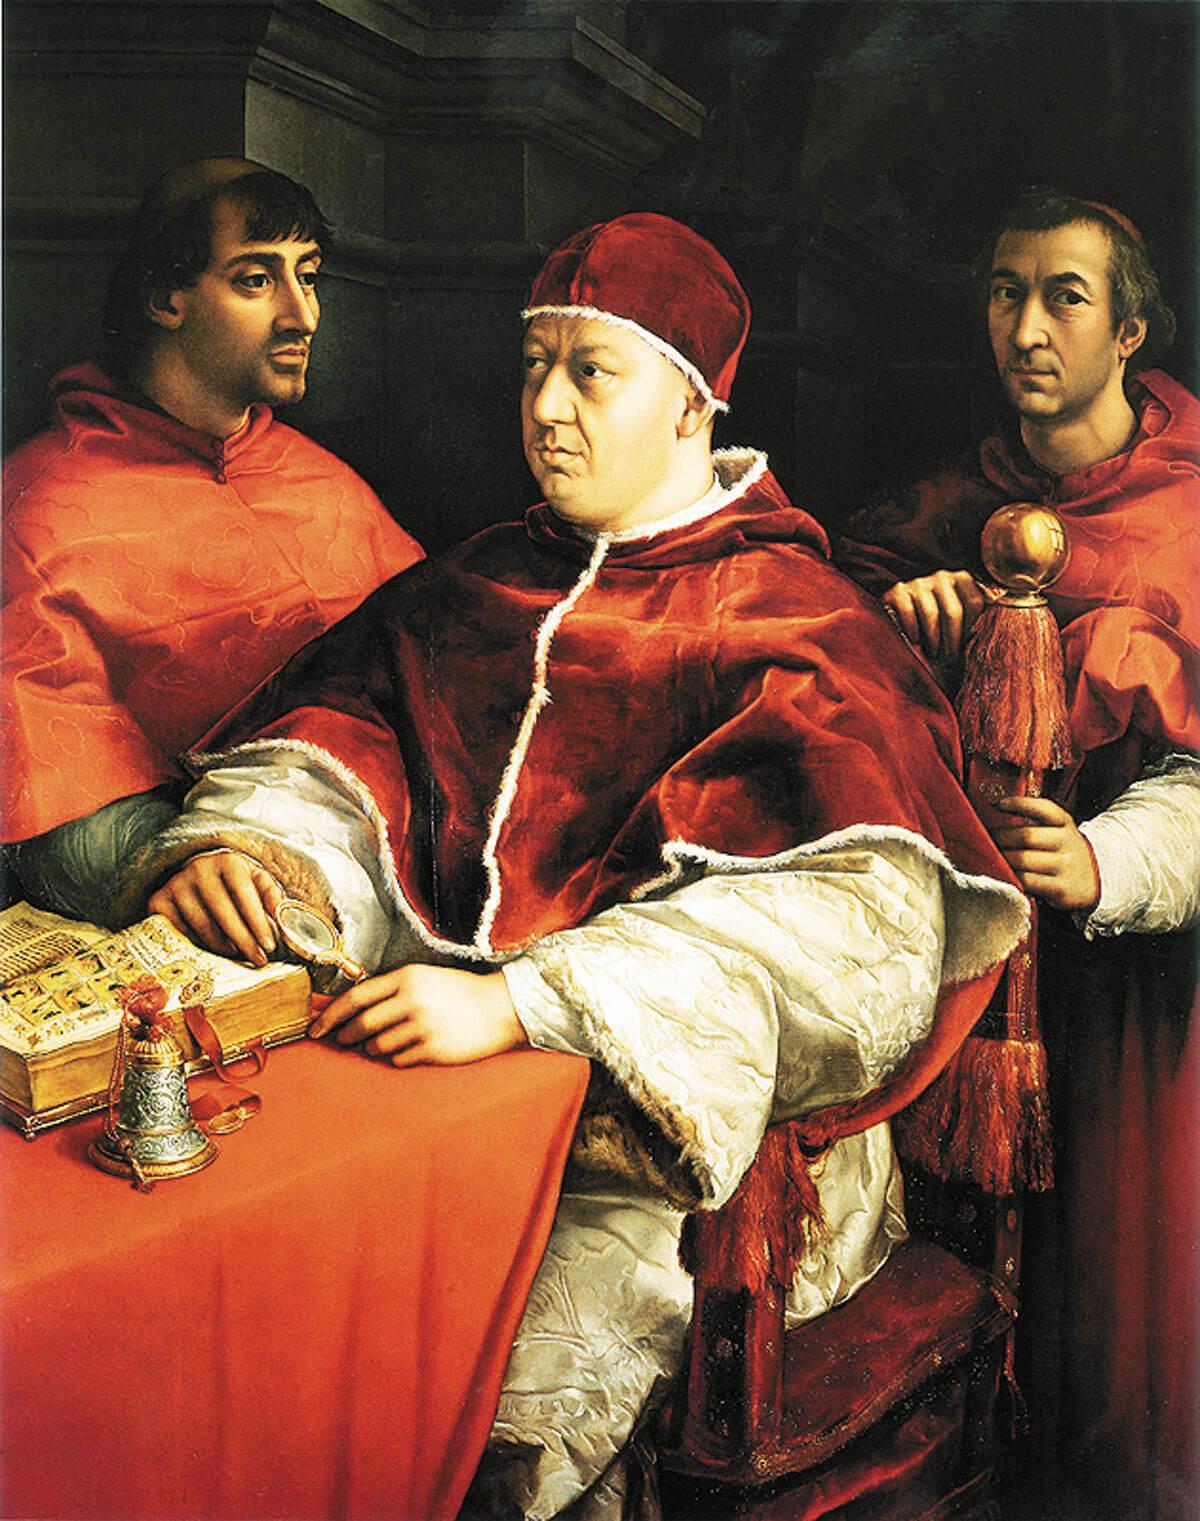 Рафаэль. Портрет папы Льва Х с кардиналами Джулио Медичи и Луиджи Росси. Около 1518 года